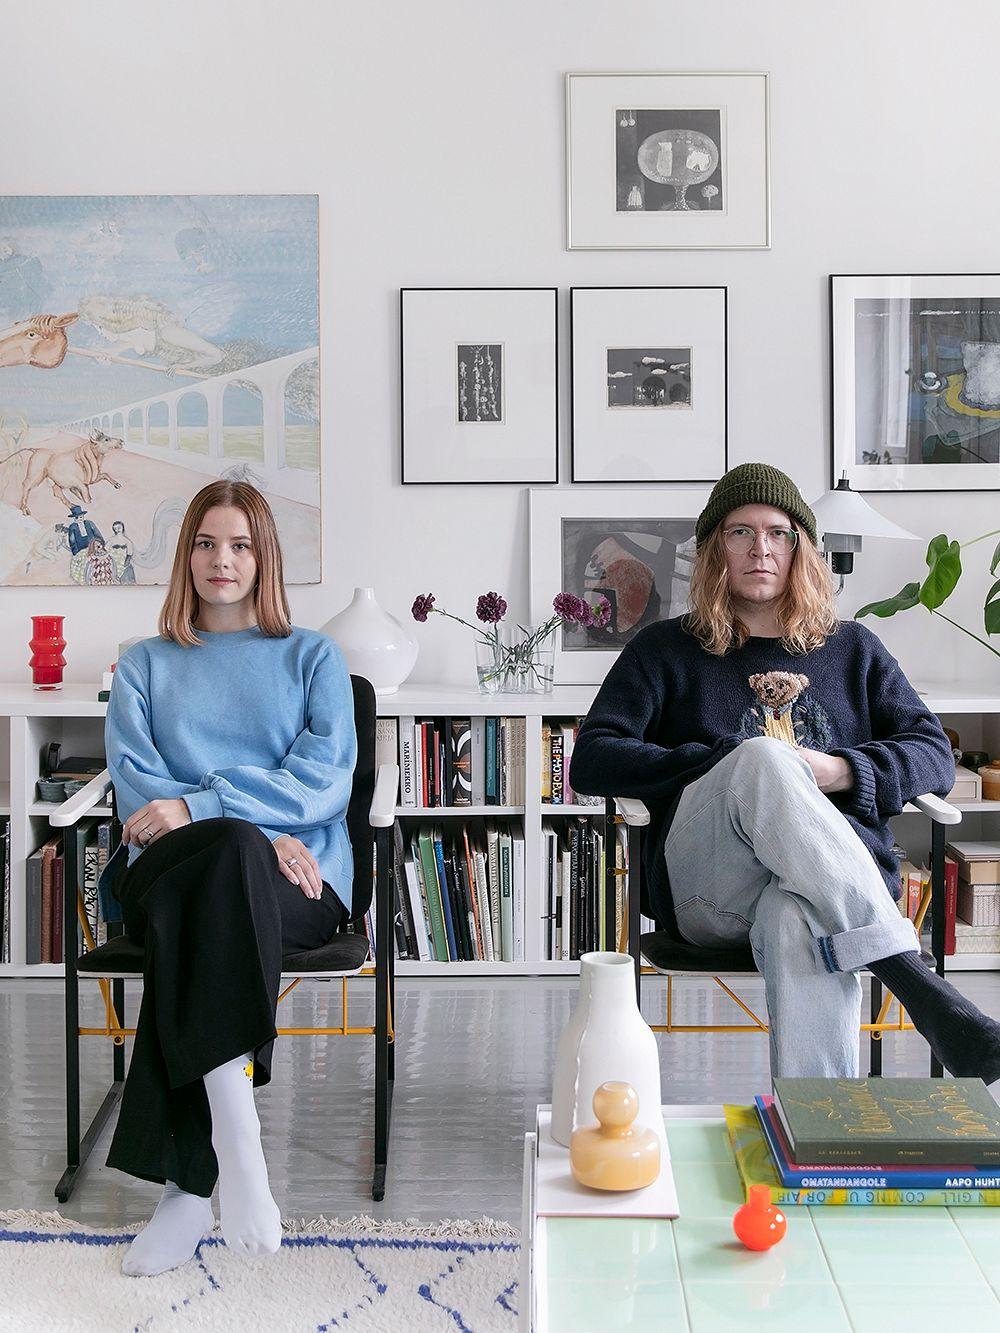 Laura Kuusajoki and Jonne Heinonen